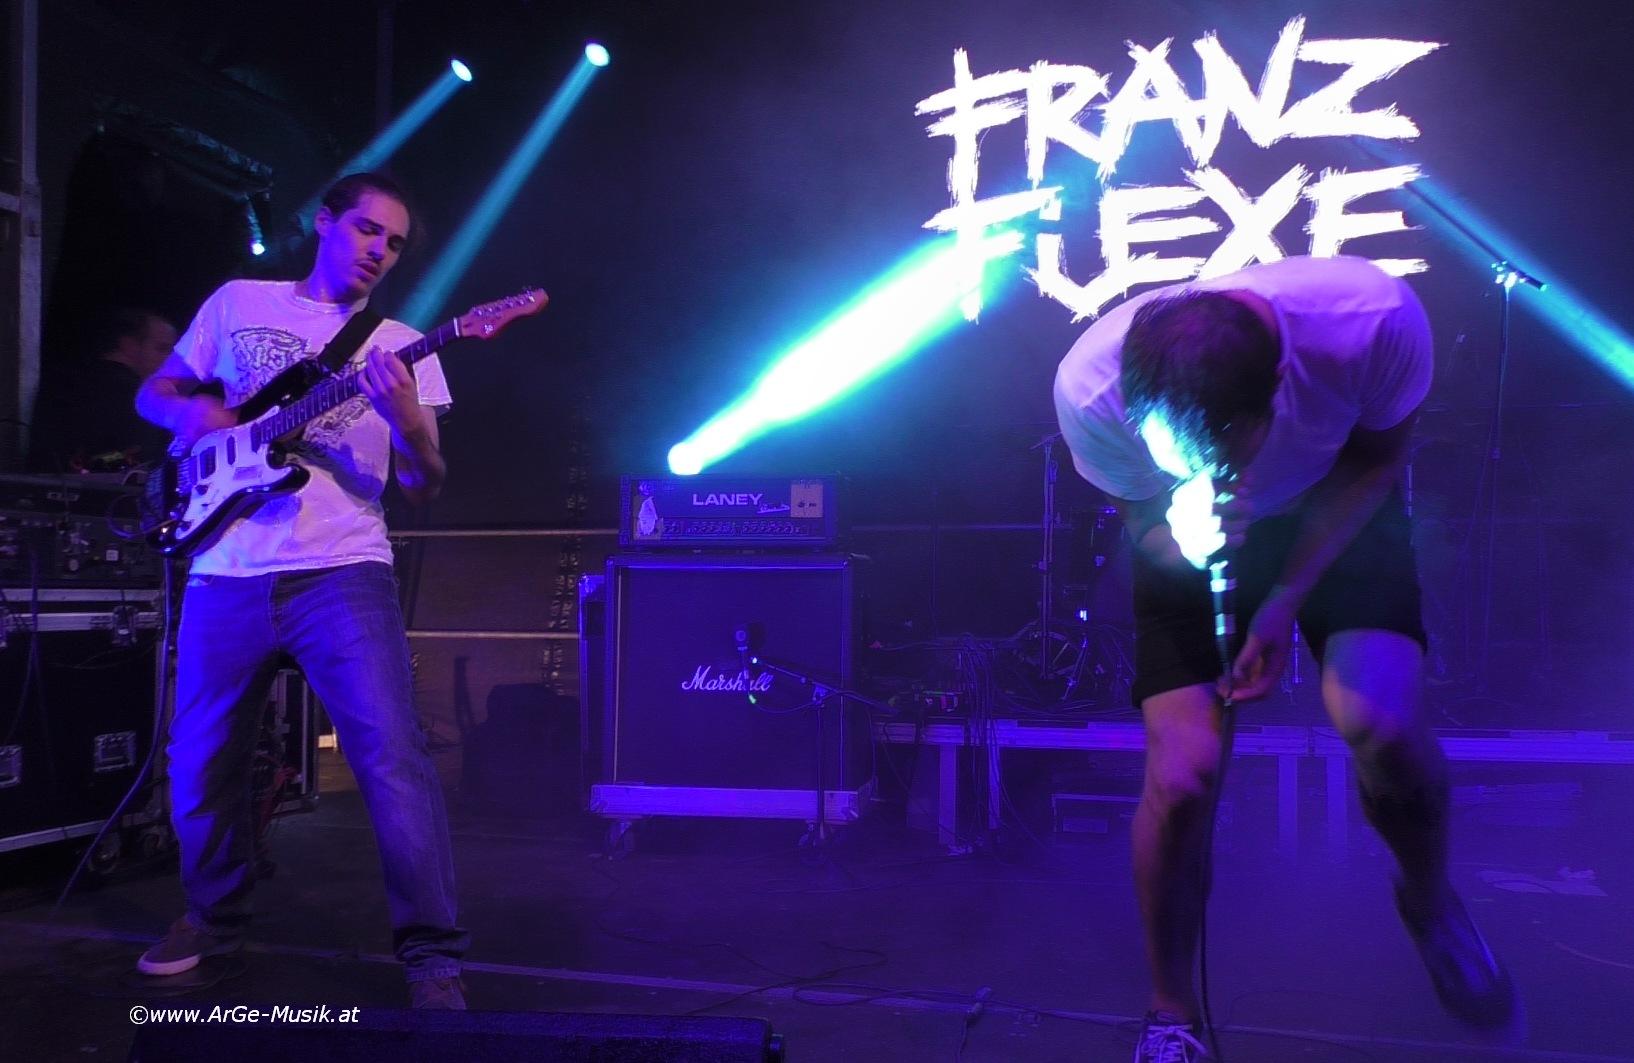 Franz Fuexe Rock den Park 2017